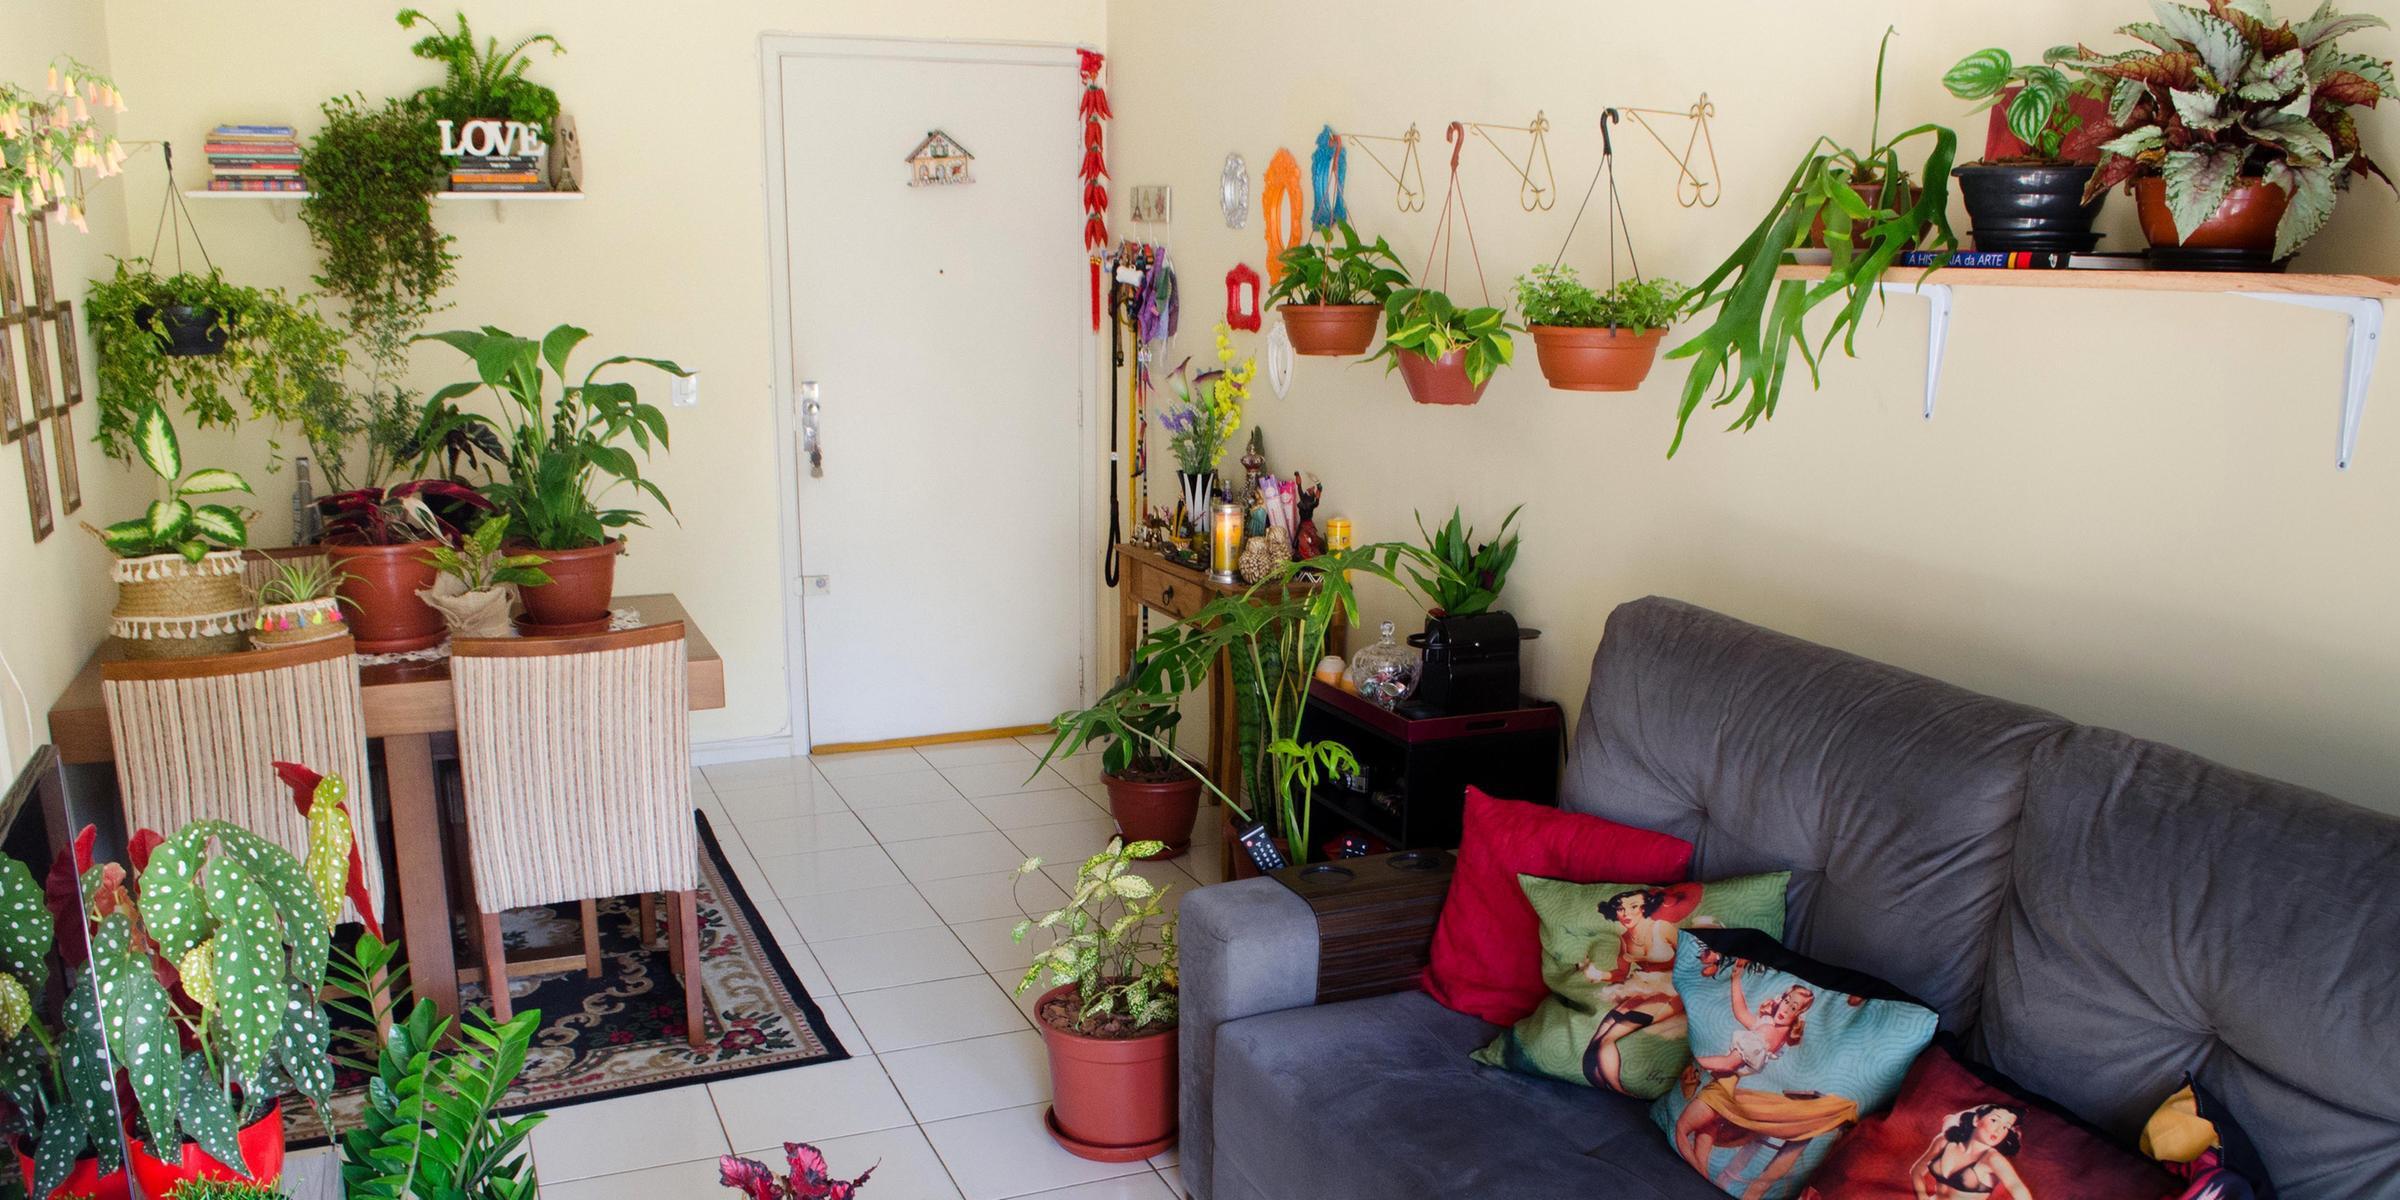 Natália Rodrigues e o marido Carlos Tondim, do Casal das Plantas, têm 46 plantas em casa